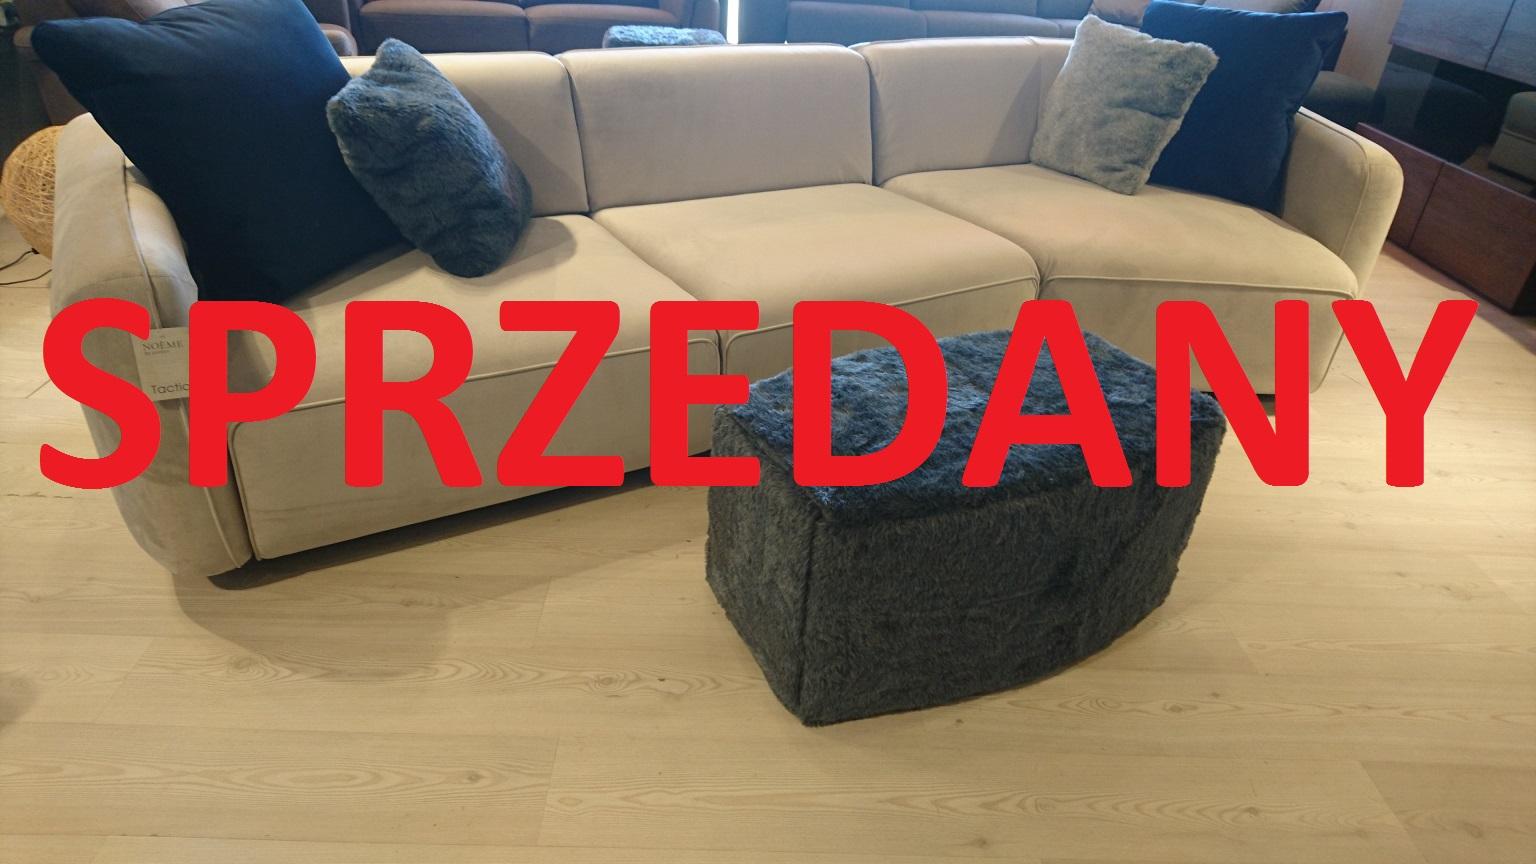 TACTIC EMMOHL Warszawa Meble STUDIO KOMFORT sofa narożna tkanina welur beż DOLCE 10 SPRZEDANE